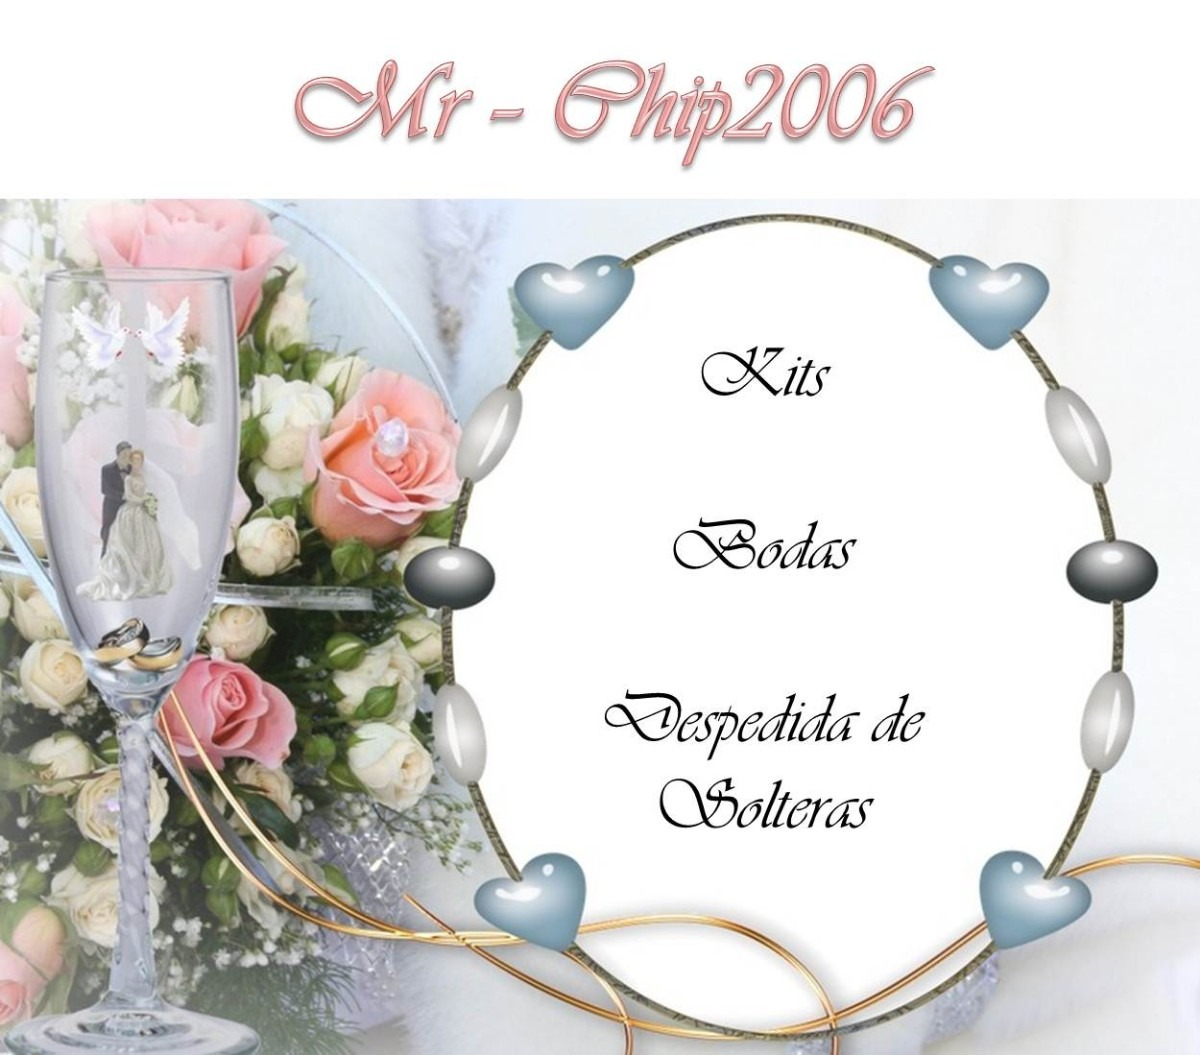 Top imprimir invitaciones despedida images for pinterest - Tarjeta de boda ...